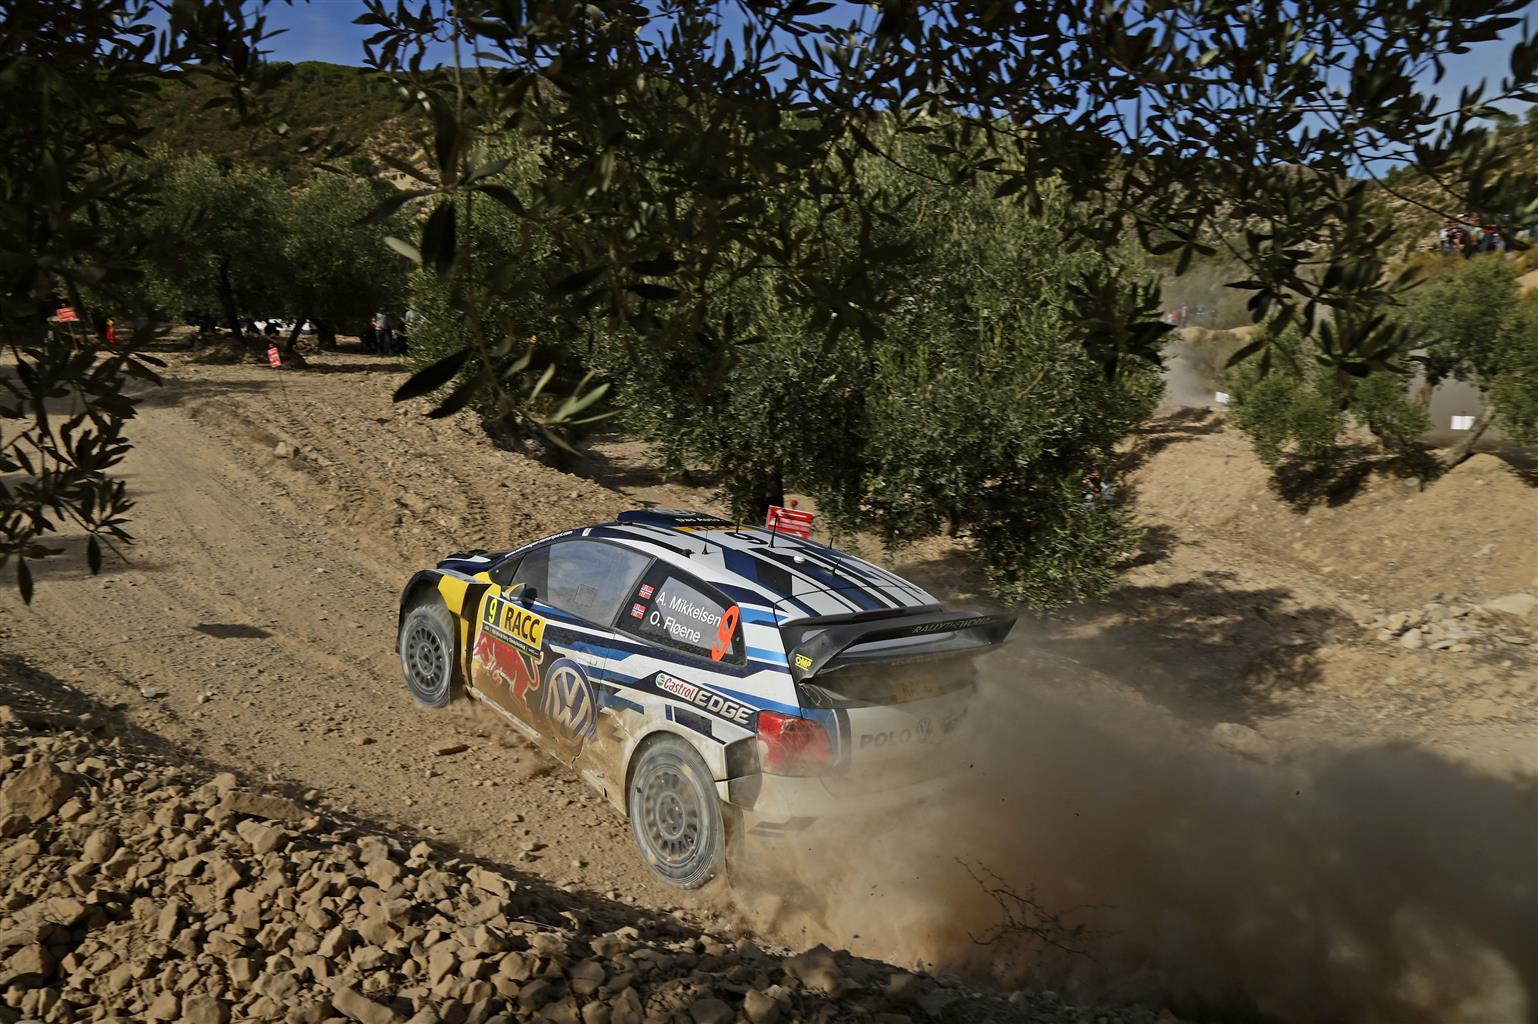 Spagna: prima vittoria per Mikkelsen nel WRC